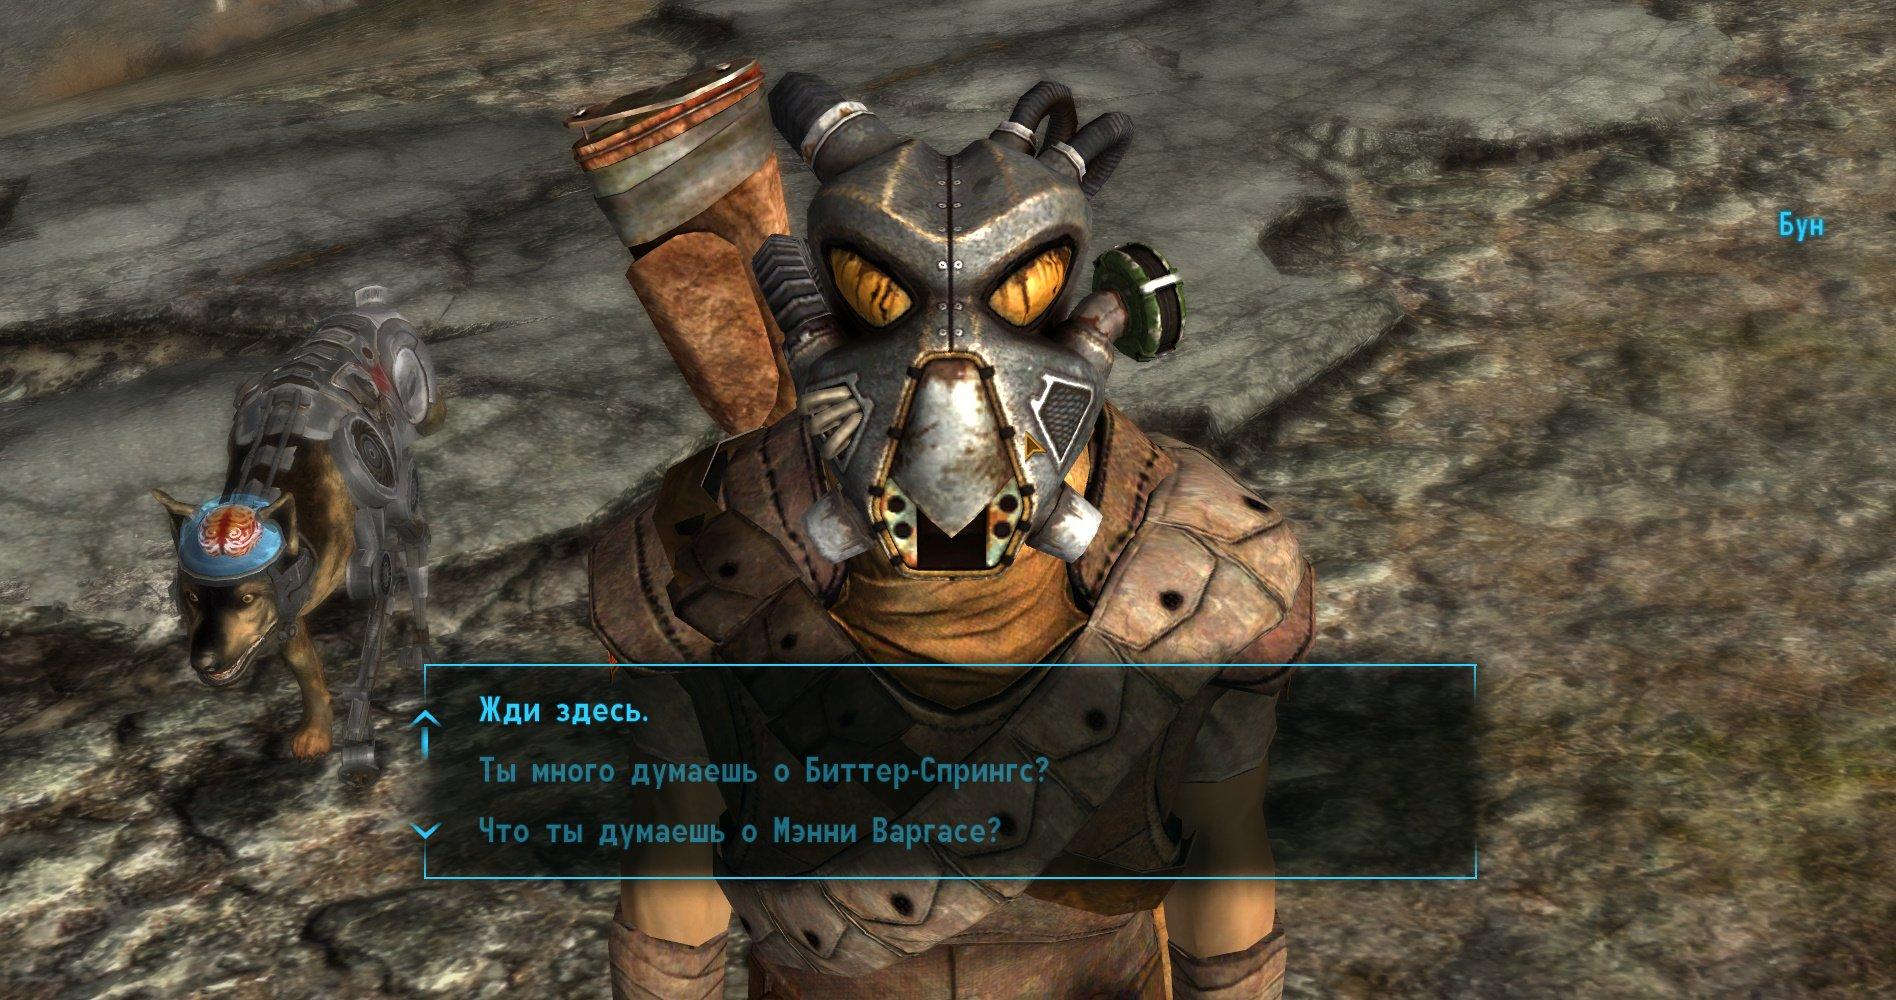 Сравнительный анализ (на самом деле нет) Fallout New Vegas vs. Fallout 4 (часть 1). - Изображение 11